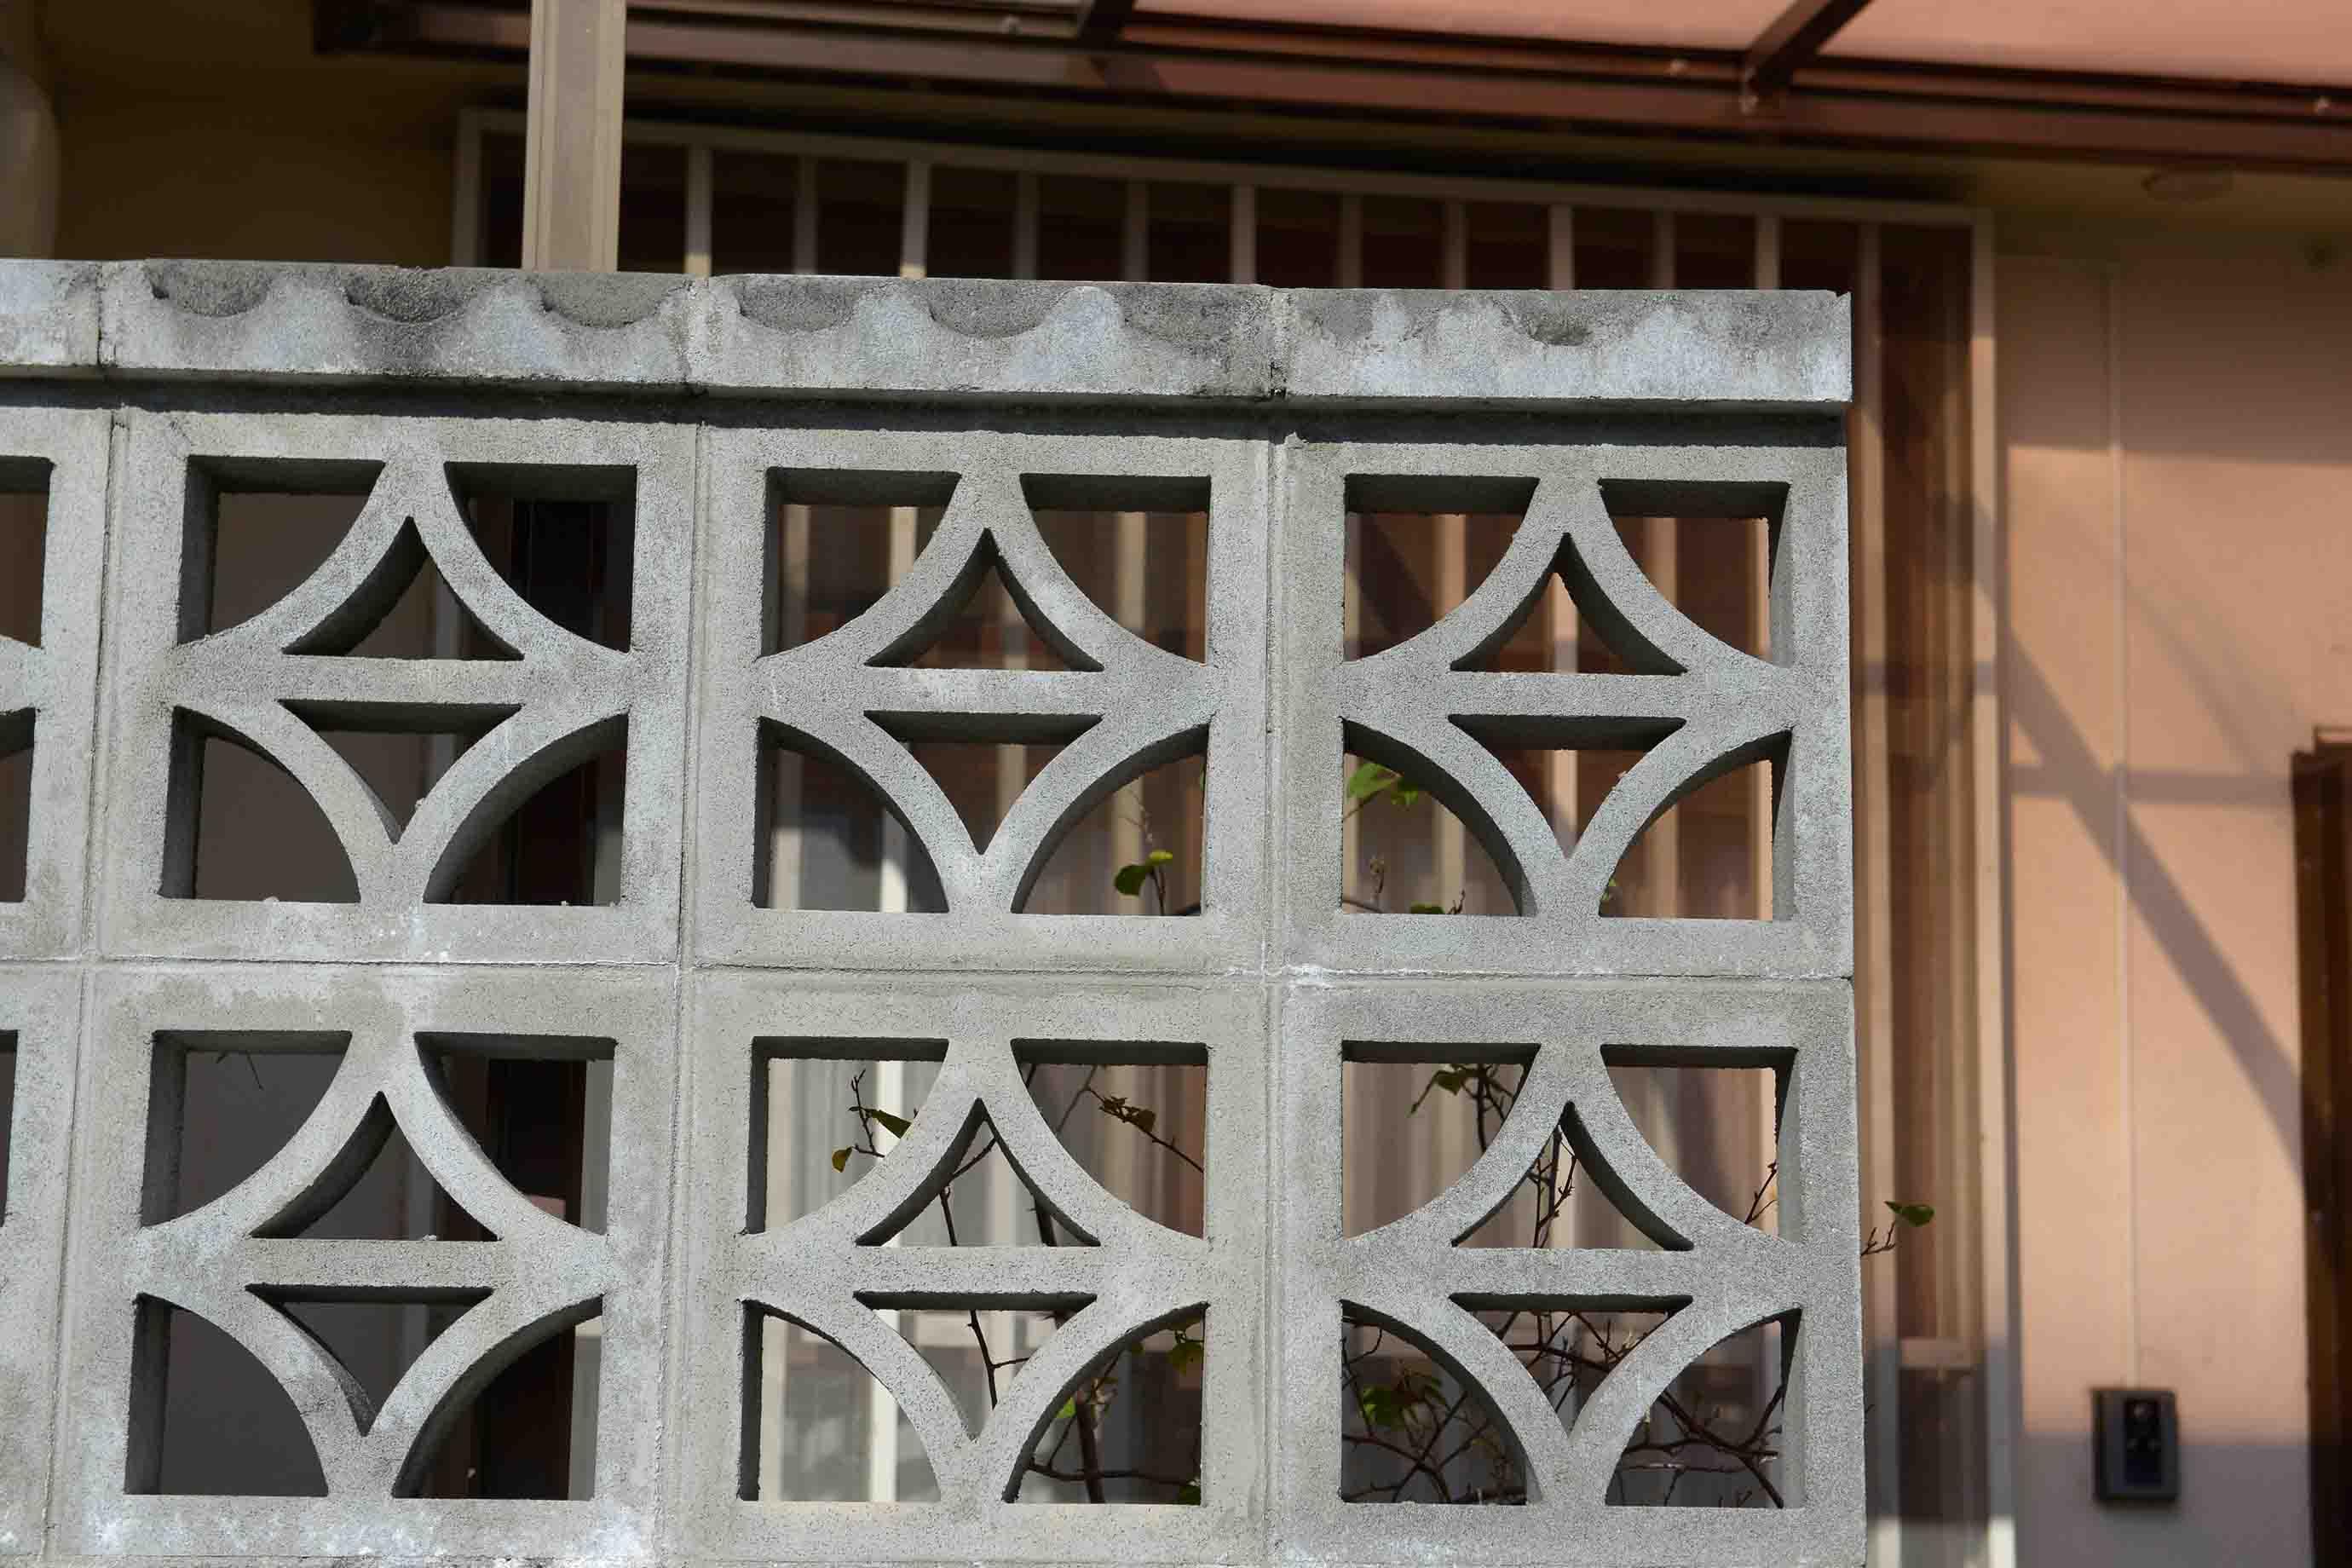 「カスリ」という名前の花ブロック。織物の絣のデザインからの連想で生まれたのだそう